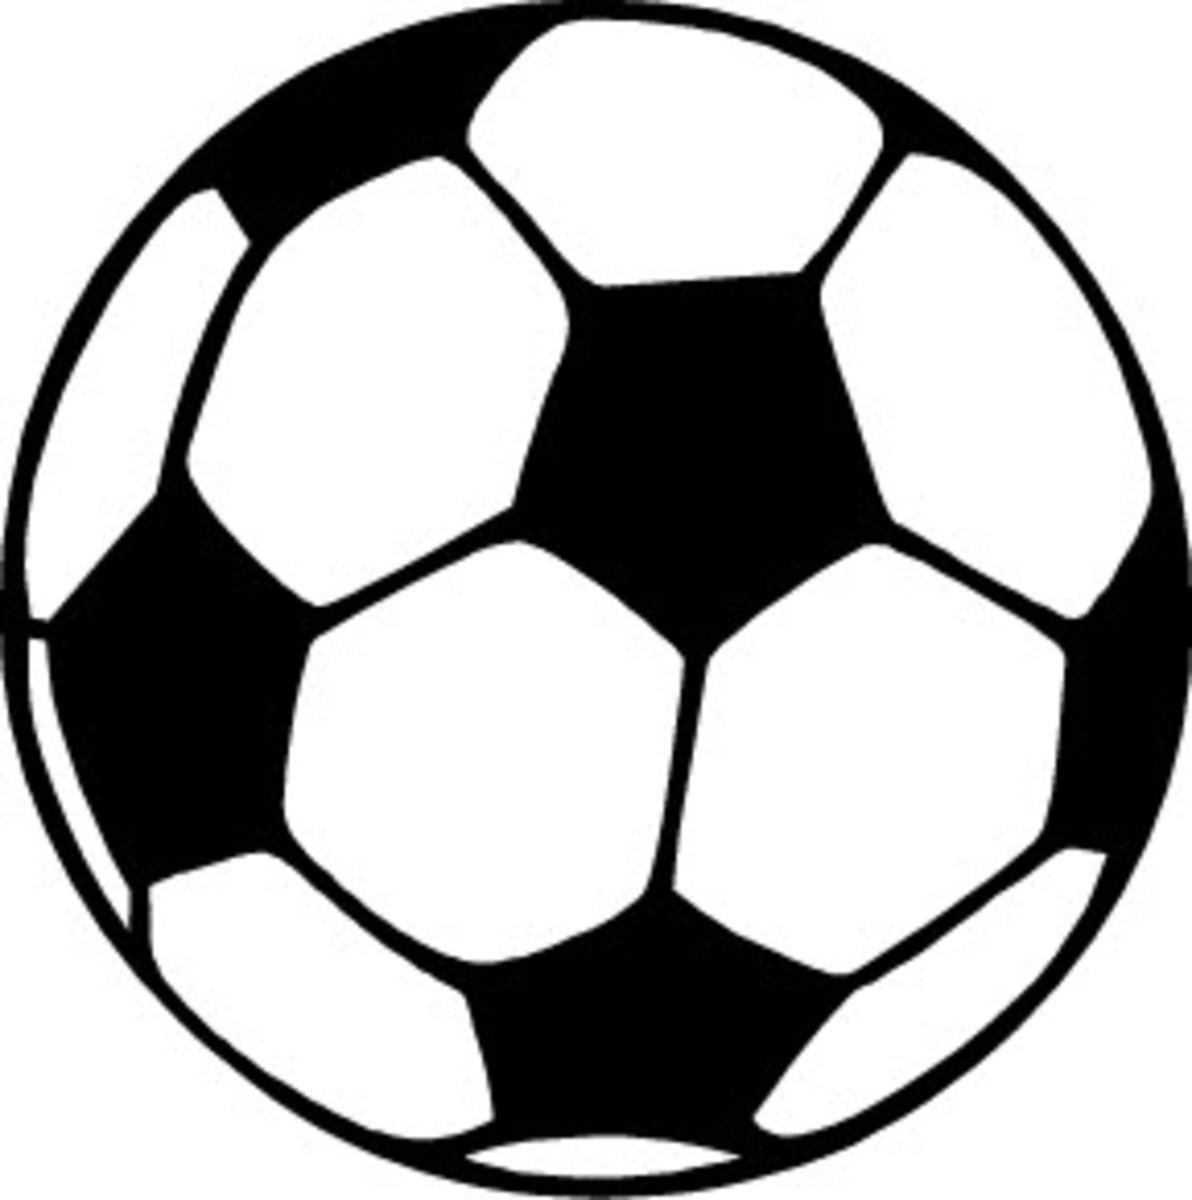 Basic Soccer Rules for Beginners